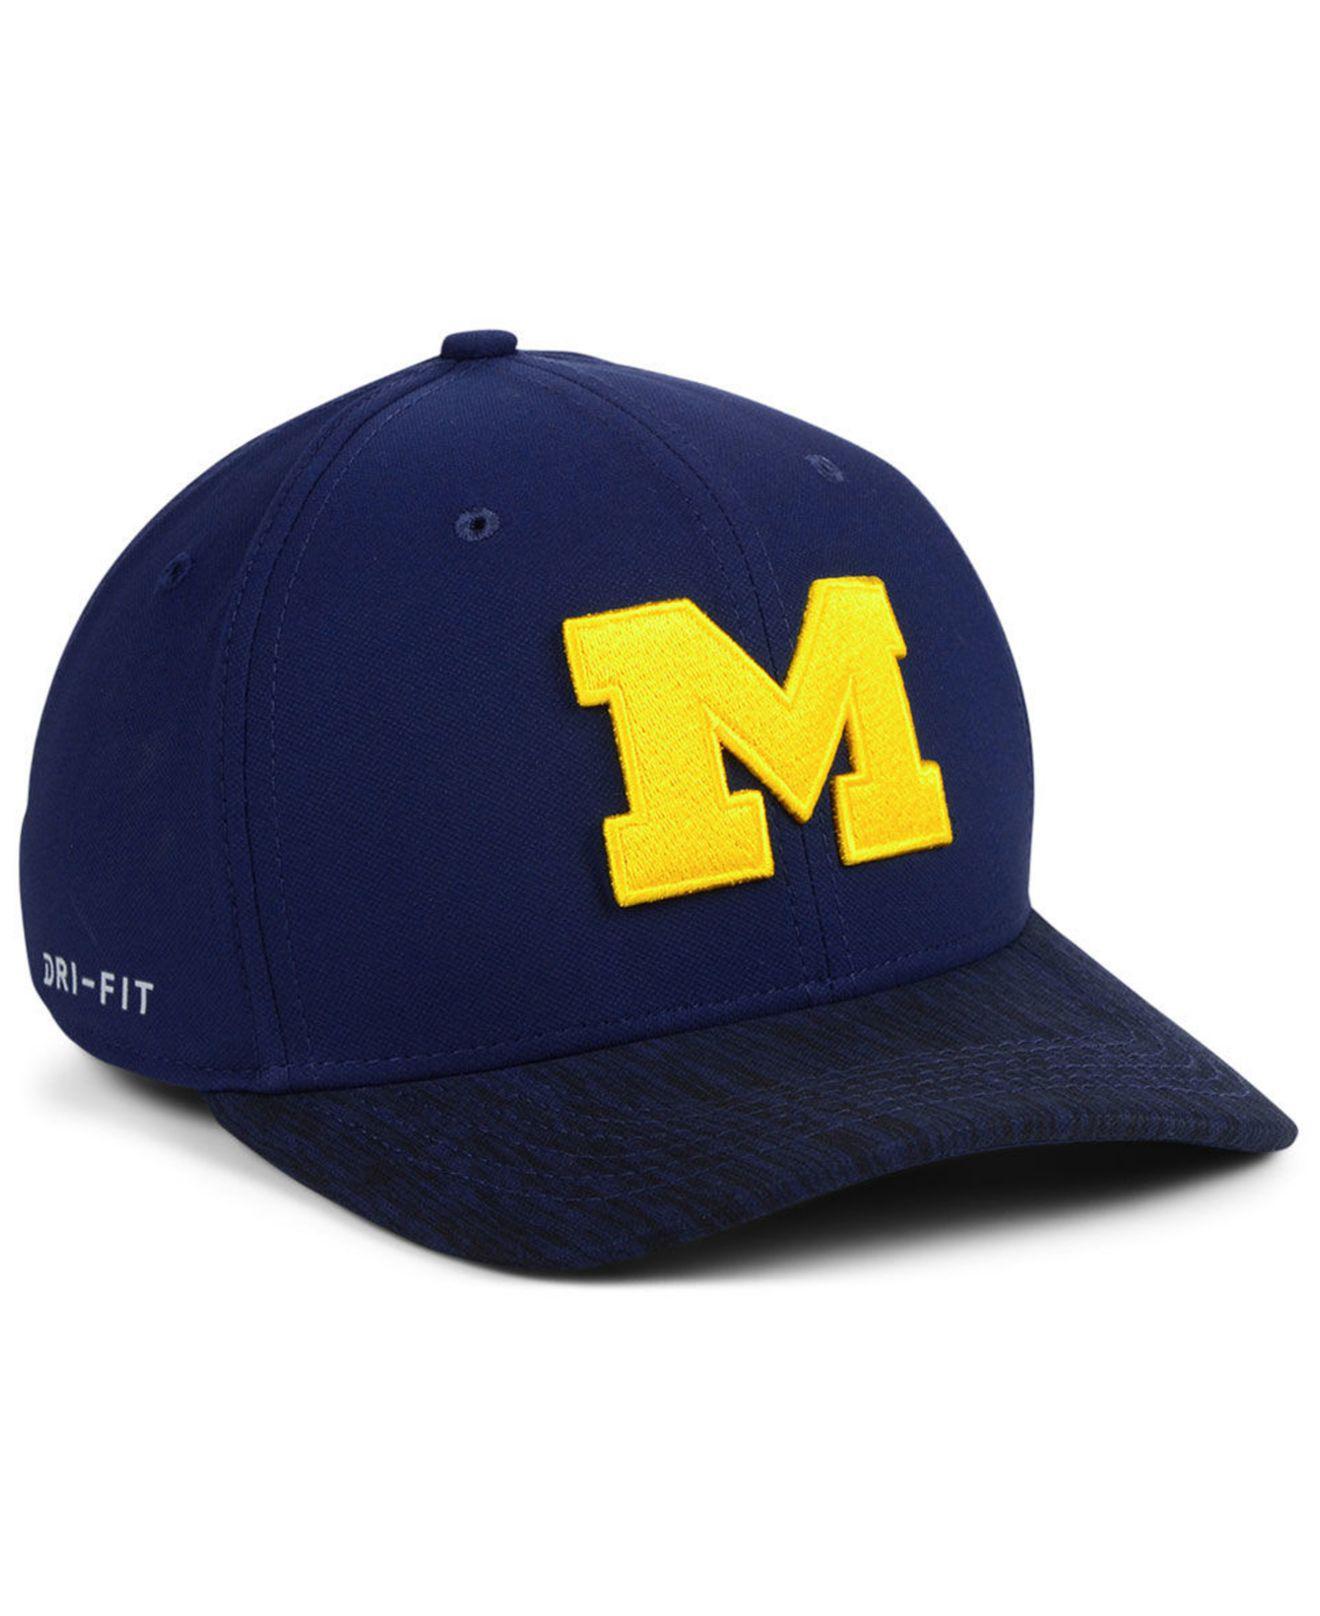 Lyst - Nike Michigan Wolverines Arobill Swoosh Flex Stretch Fitted ... 2370dd1588ee